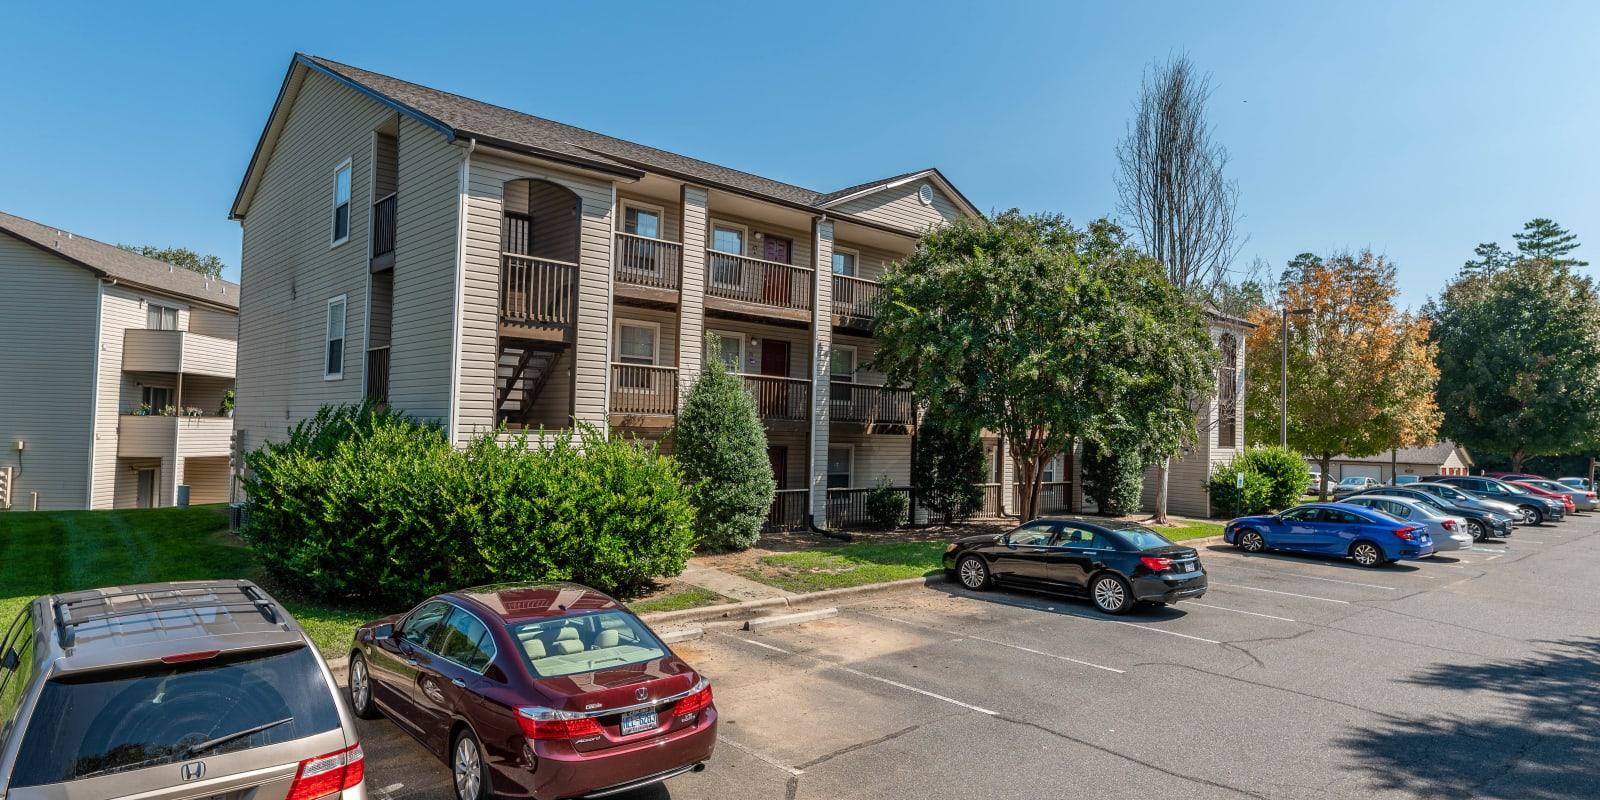 Side Exterior at Kannan Station Apartment Homes in Kannapolis, North Carolina